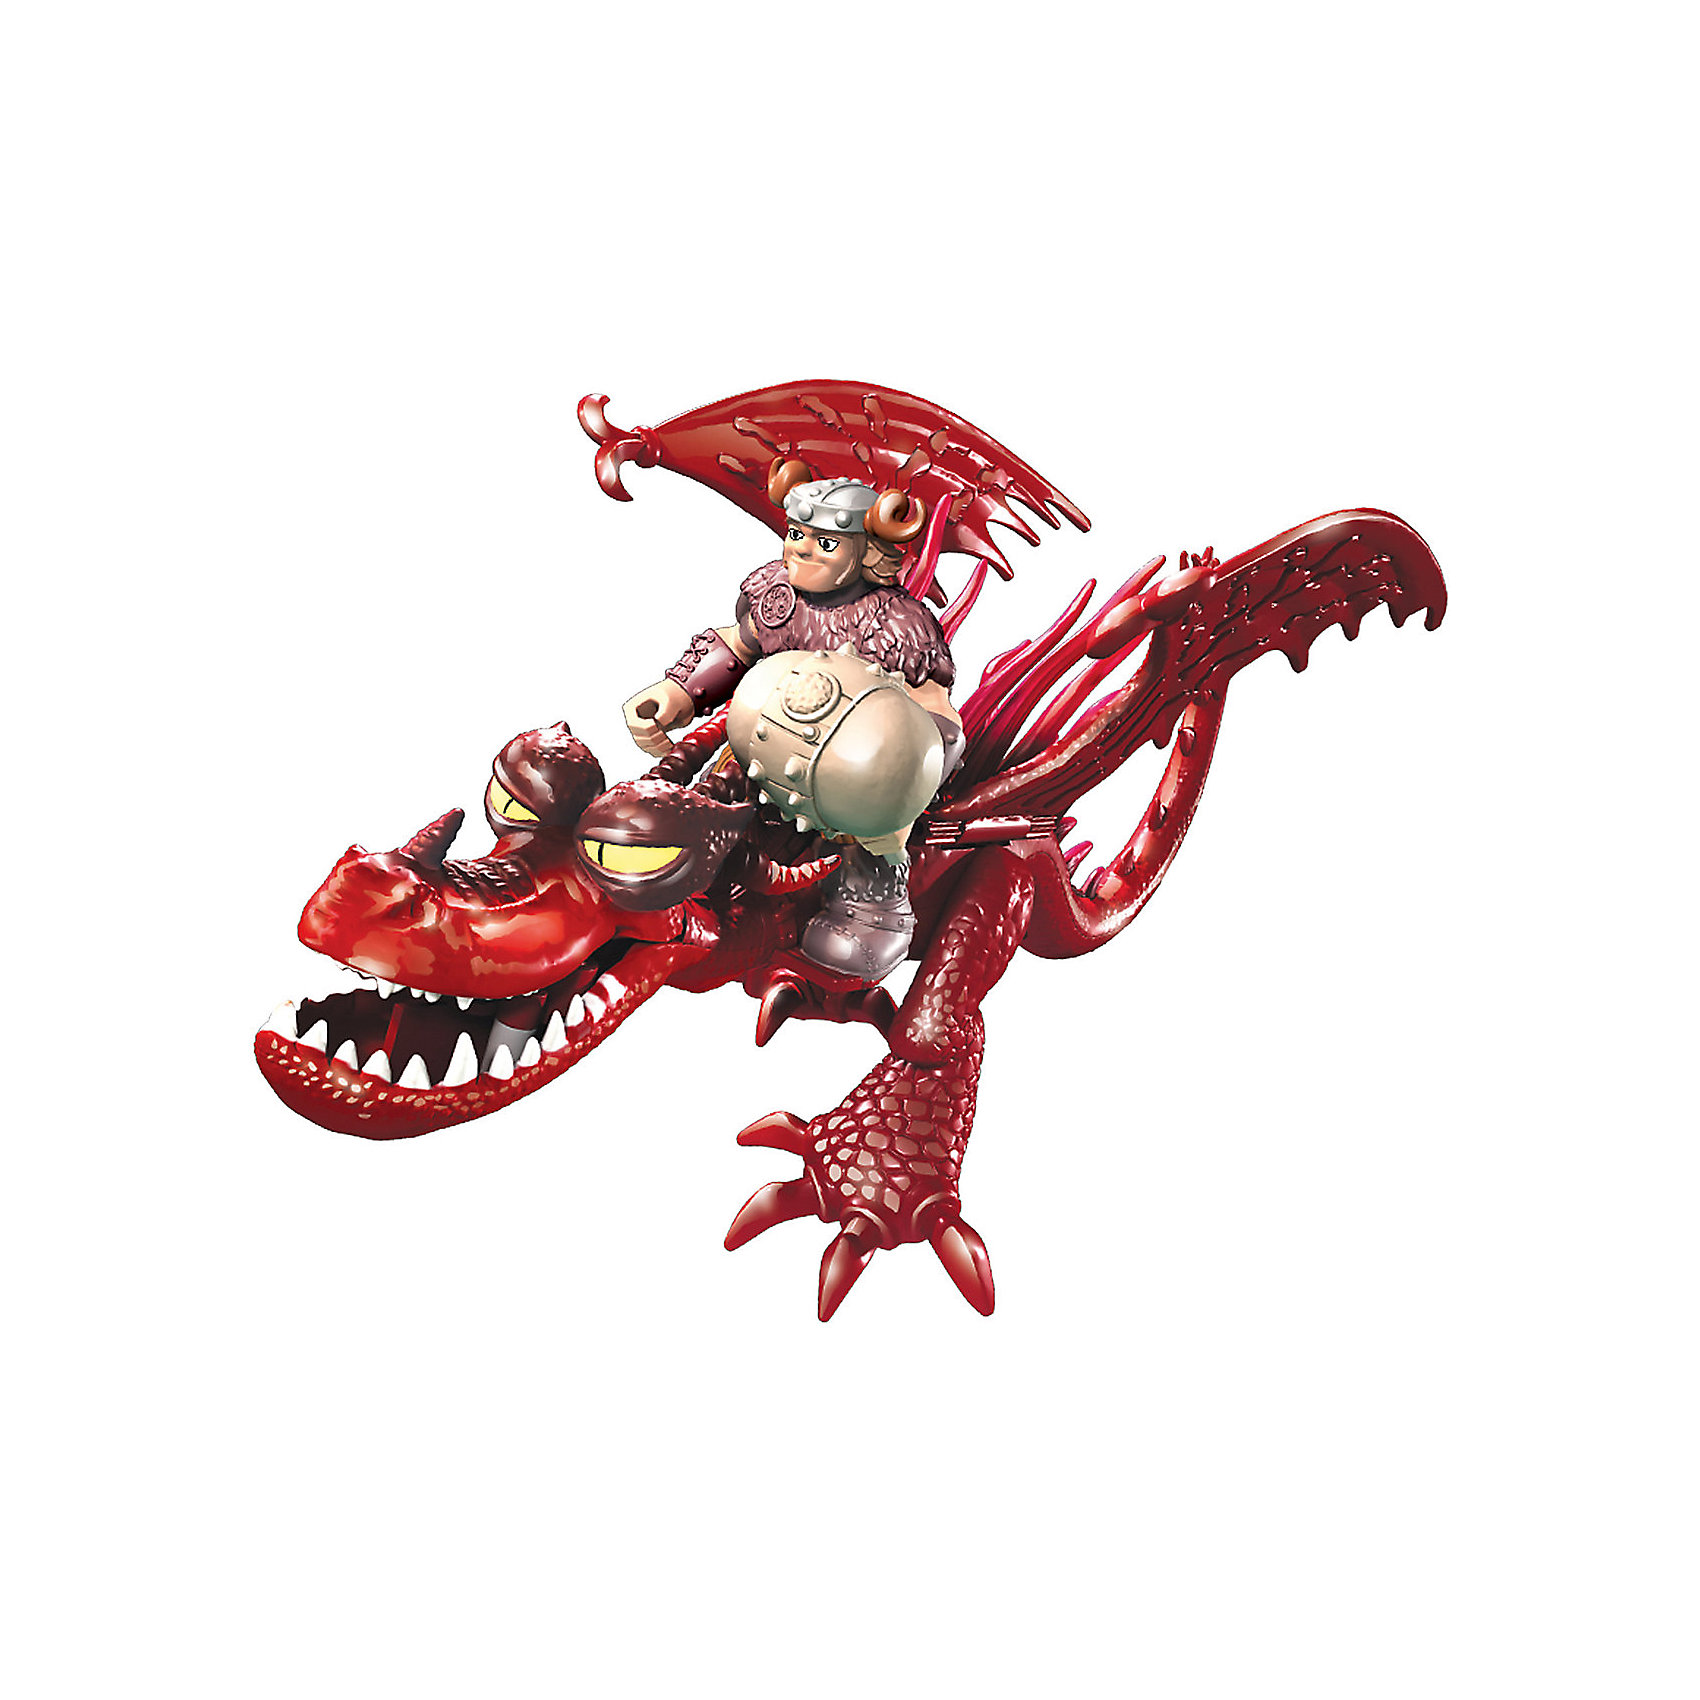 Набор Сморкала и всадник, Как приручить дракона, Spin MasterХарактеристики товара:<br><br>- цвет: разноцветный;<br>- материал: пластик;<br>- размер упаковки: 29х21х10 см;<br>- размер дракона: 18 см;<br>- размер всадника: около 6 см;<br>- вес: 320 г;<br>- комплект: фигурки всадника и дракона.<br><br>Играть с героями любимого мультфильма - вдвойне интереснее! Дракон из мультика «Как приручить дракона» имеет гнущиеся крылья, а его всадник дополнен боевым оружием. Каждая фигурка прекрасно детализирована, отлично выполнена, поэтому она станет желанным подарком для ребенка. Такое изделие отлично тренирует у ребенка разные навыки: играя с фигурками, малыш развивает мелкую моторику, цветовосприятие, внимание, воображение и творческое мышление.<br>Из этих фигурок можно собрать целую коллекцию! Изделие произведено из высококачественного материала, безопасного для детей.<br><br>Набор Сморкала и всадник, Как приручить дракона, от бренда Spin Master можно купить в нашем интернет-магазине.<br><br>Ширина мм: 290<br>Глубина мм: 100<br>Высота мм: 210<br>Вес г: 250<br>Возраст от месяцев: 36<br>Возраст до месяцев: 2147483647<br>Пол: Унисекс<br>Возраст: Детский<br>SKU: 5109449